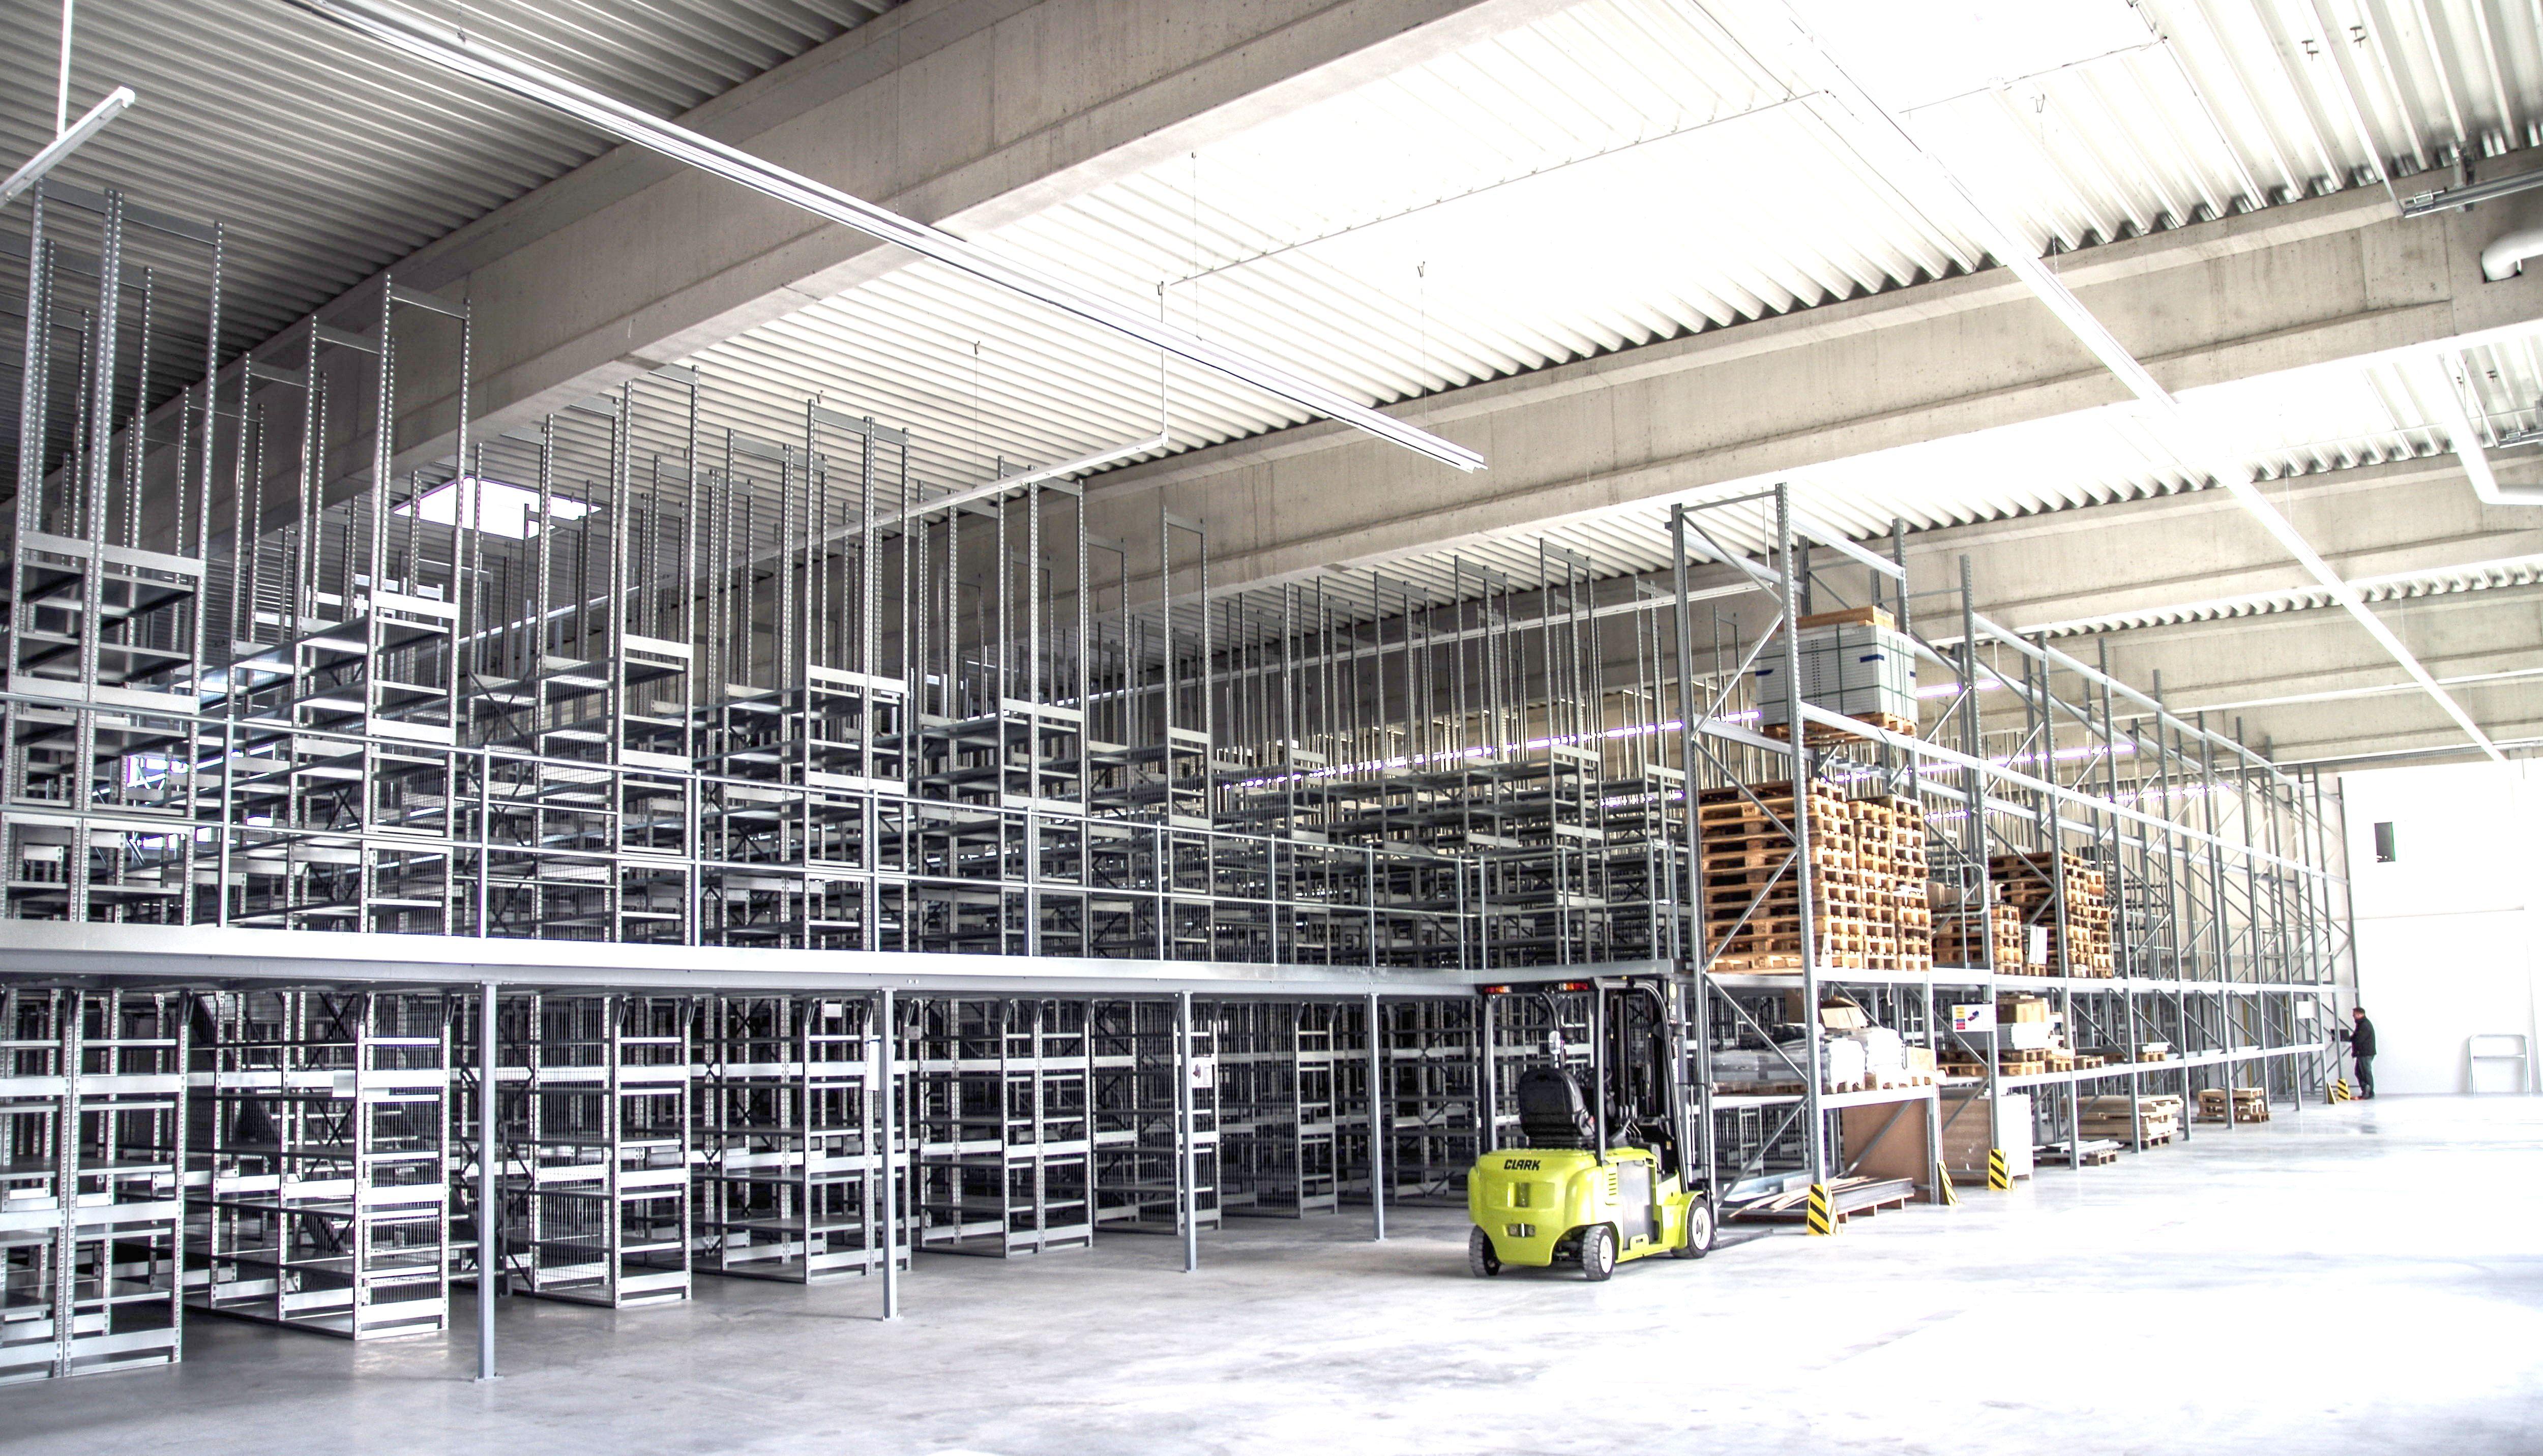 Nuveen Real Estate erwirbt Logistikzentrum bei Hannover